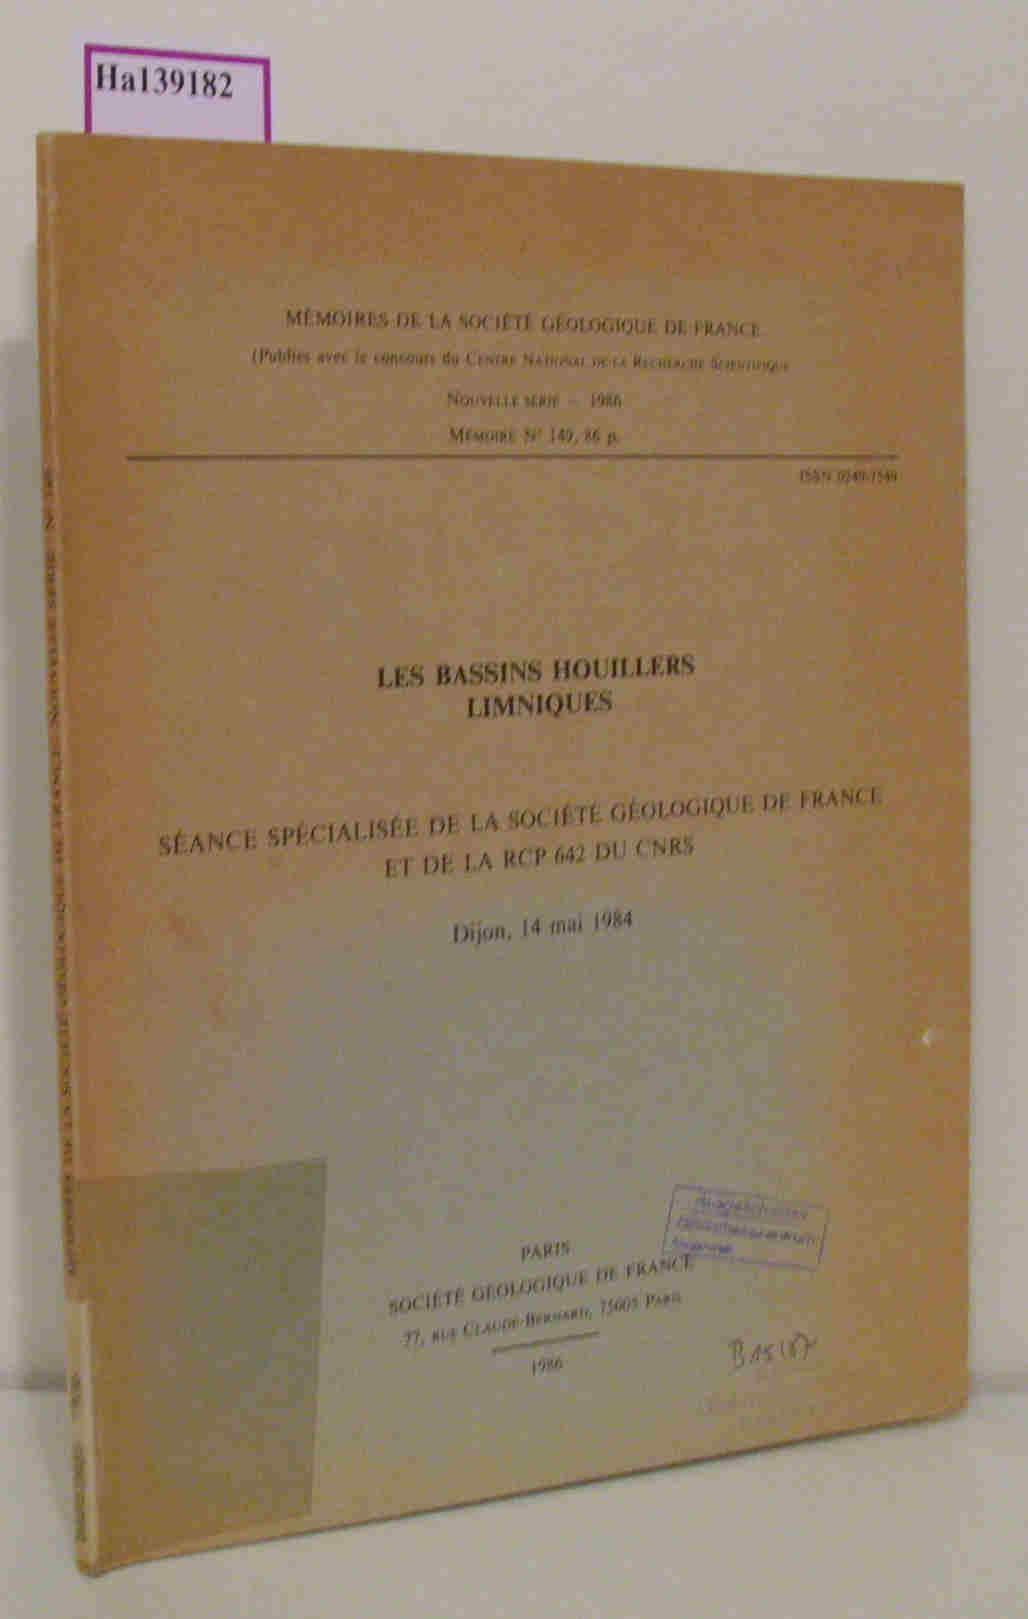 Les Bassins Houillers Limniques. Seance Specialisee de la Societe Geologique de France et de la RCP 642 du CNRS, Dijon, 14 mai 1984. (=Memoires de la Societe Geologique de France  Memoire Nr. 149).